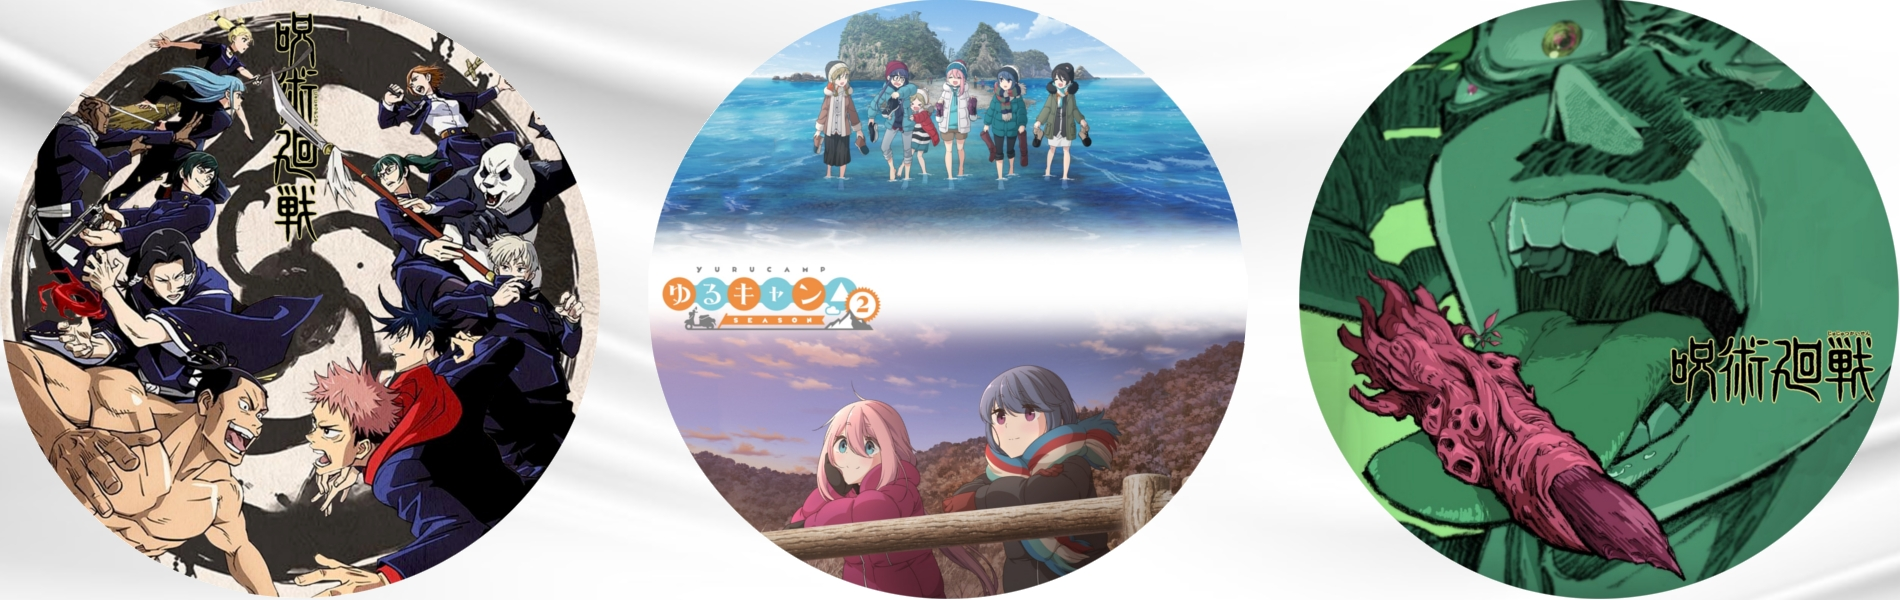 自作DVDラベル アニメ ルパン三世